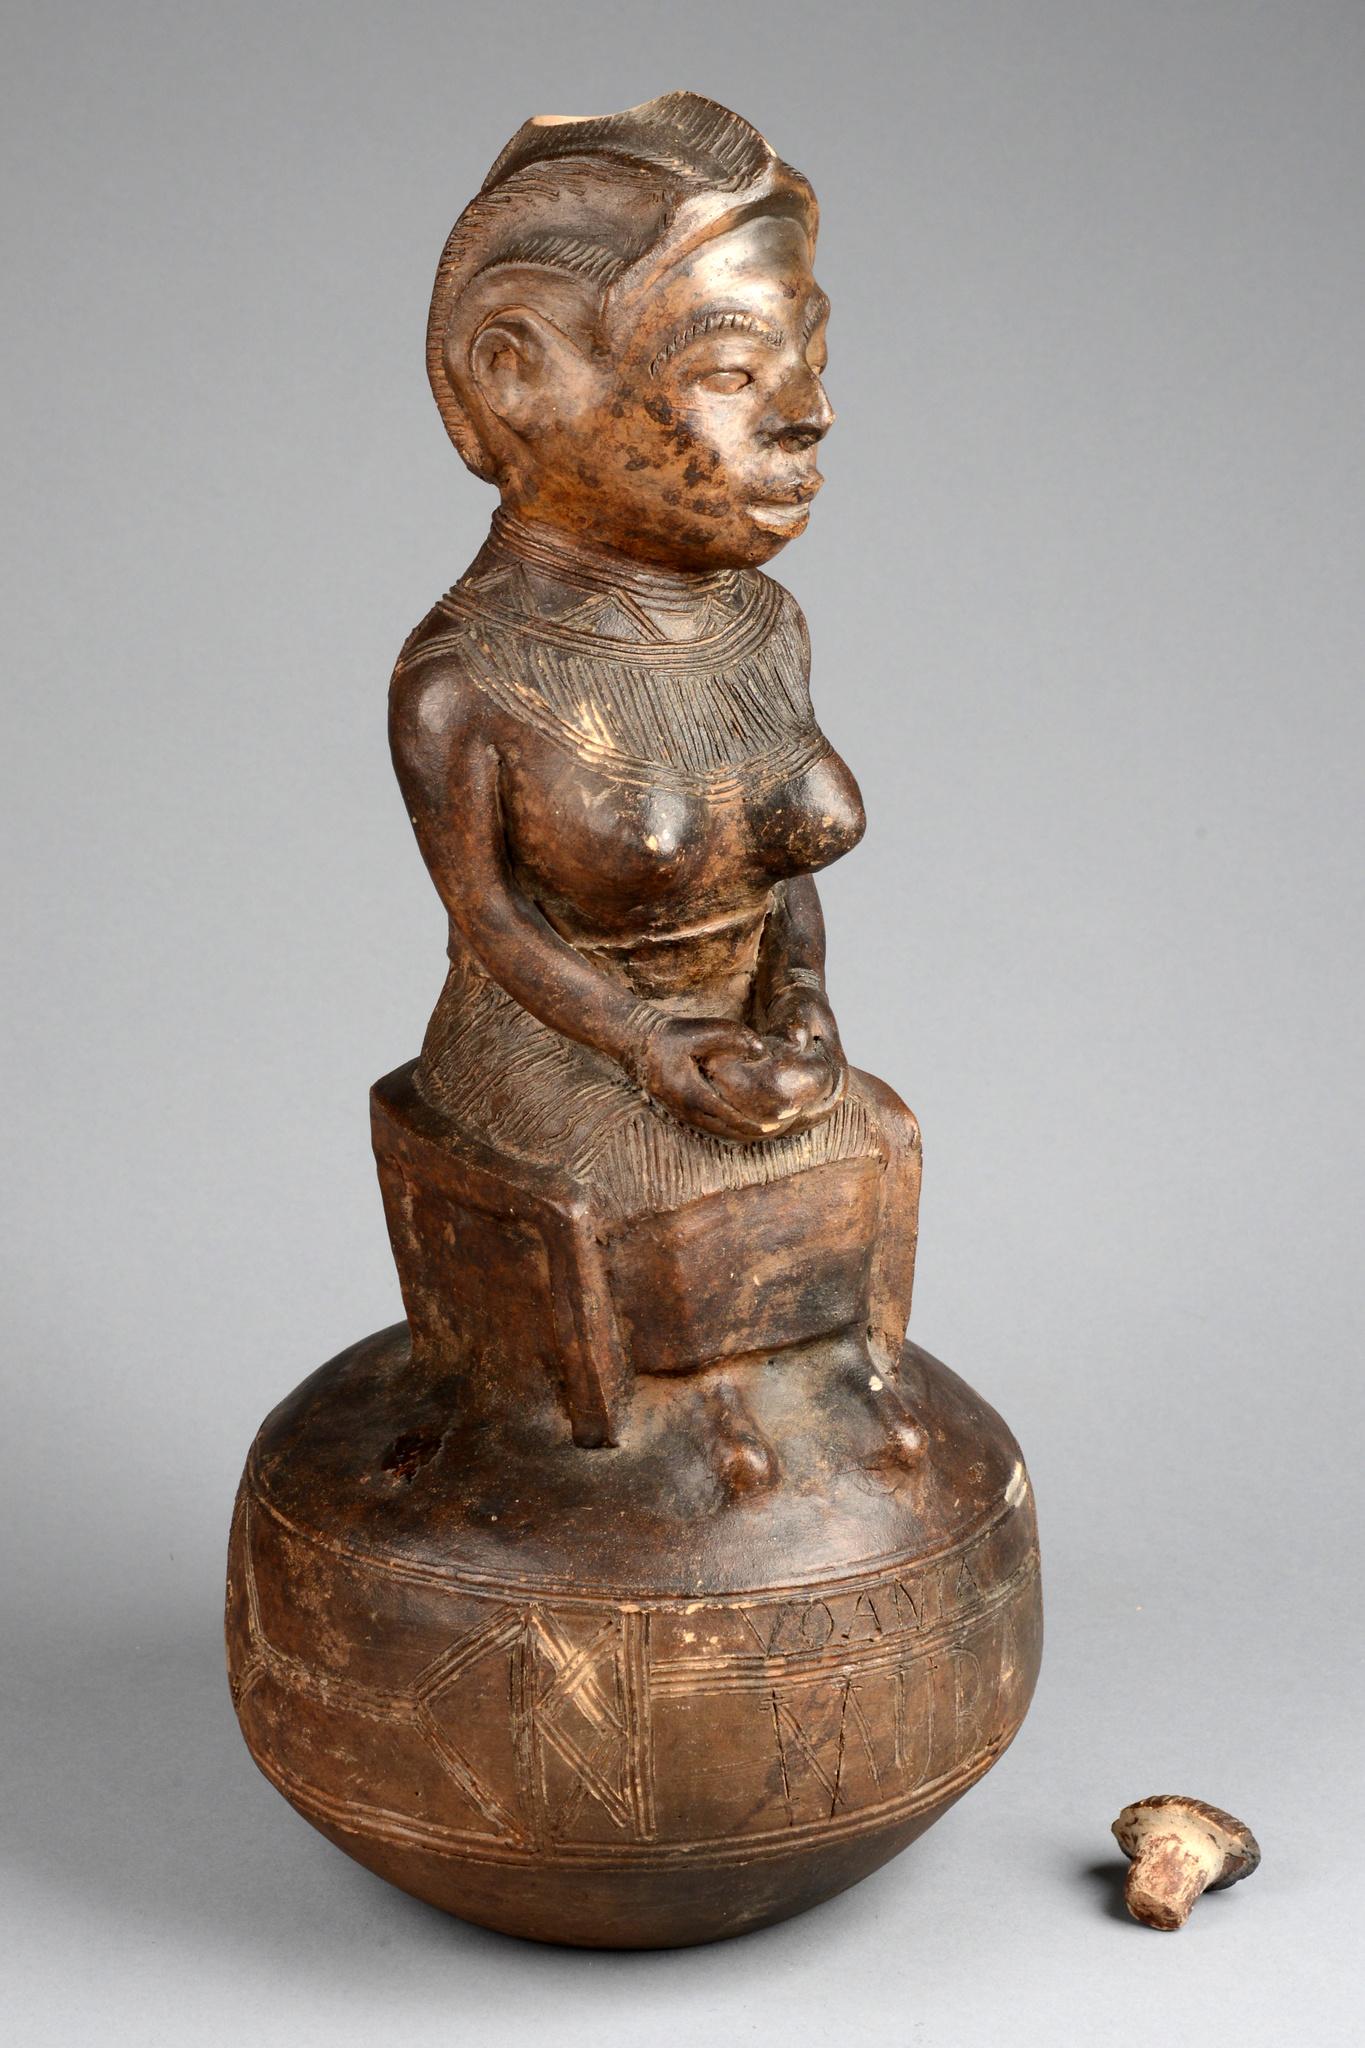 Figurales Gefäß des Künstlers Voania von Muba, vor 1928